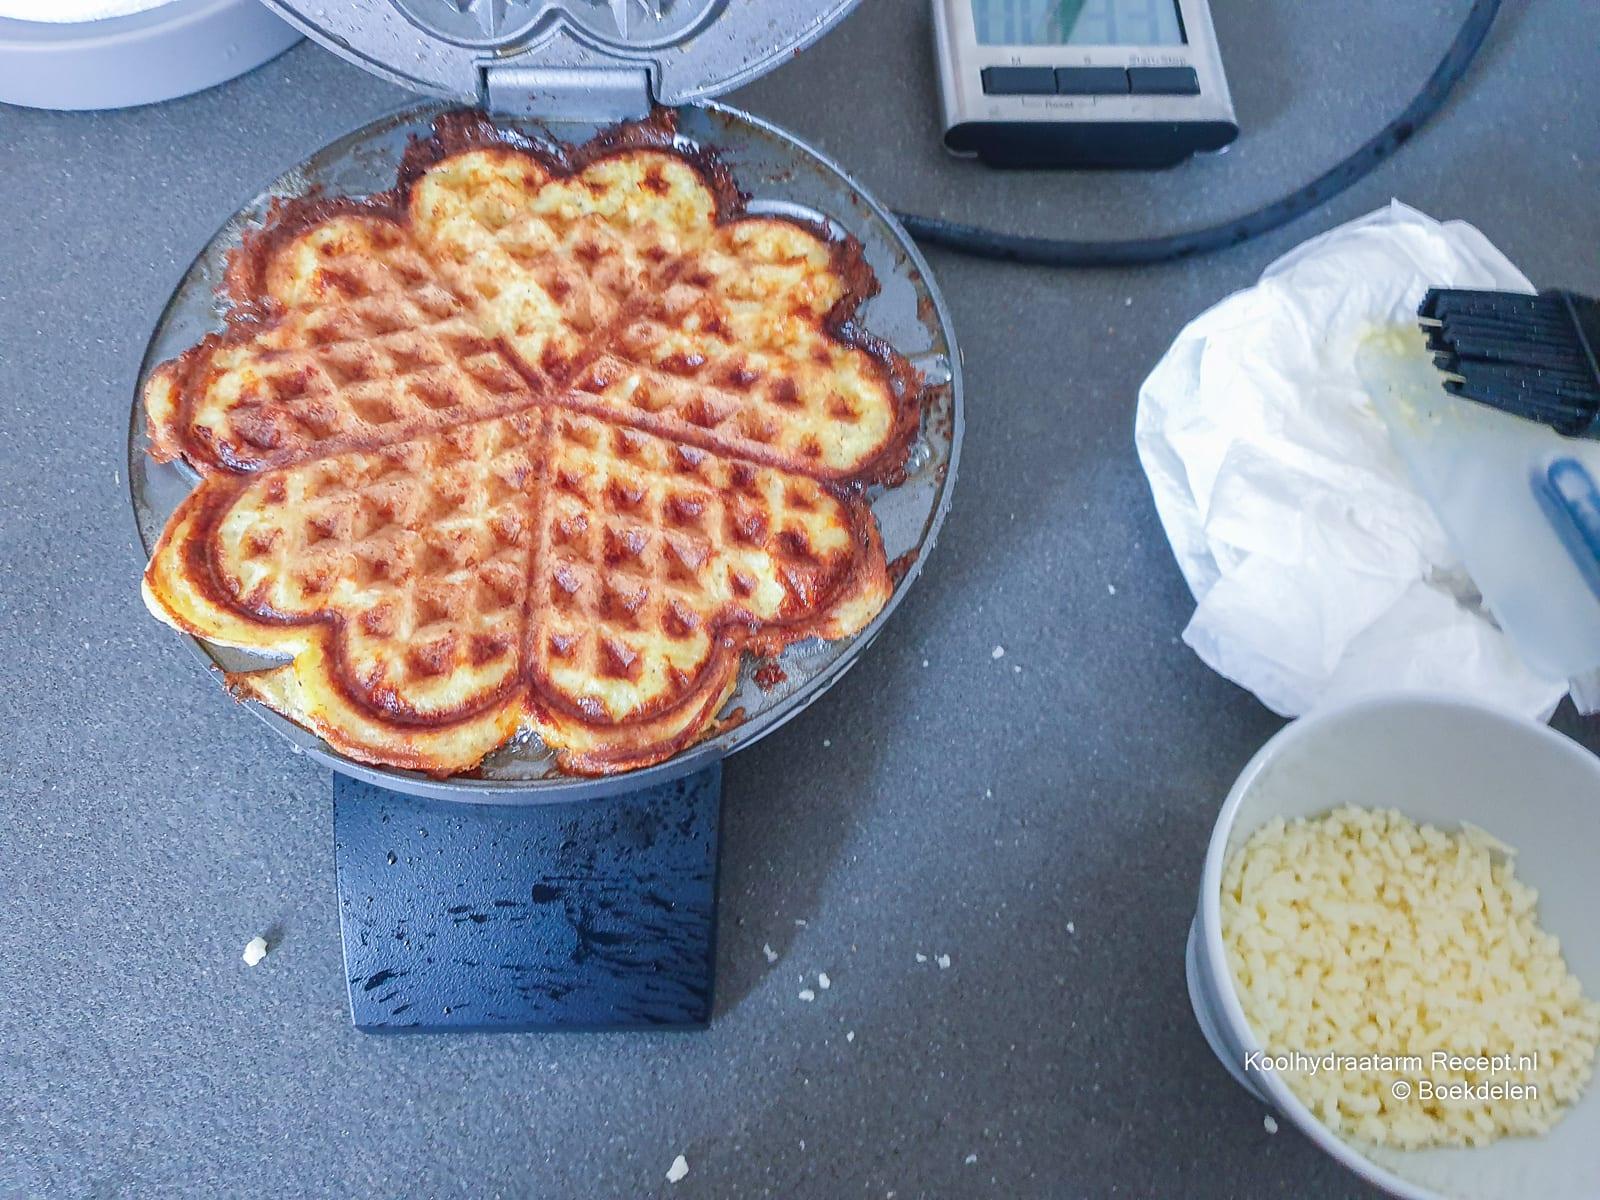 gebakken chaffle - suikervrije wafel